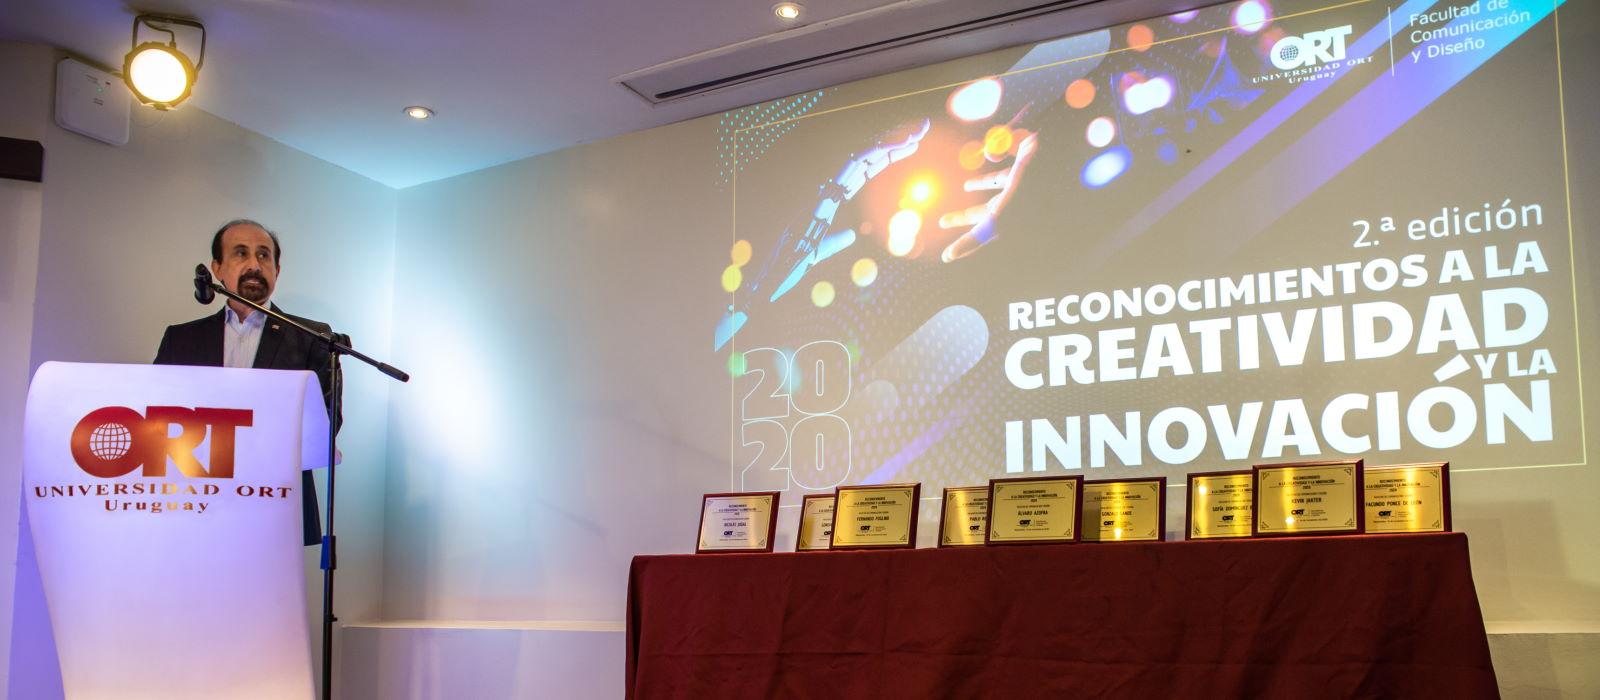 Reconocimientos a la Creatividad y la Innovación